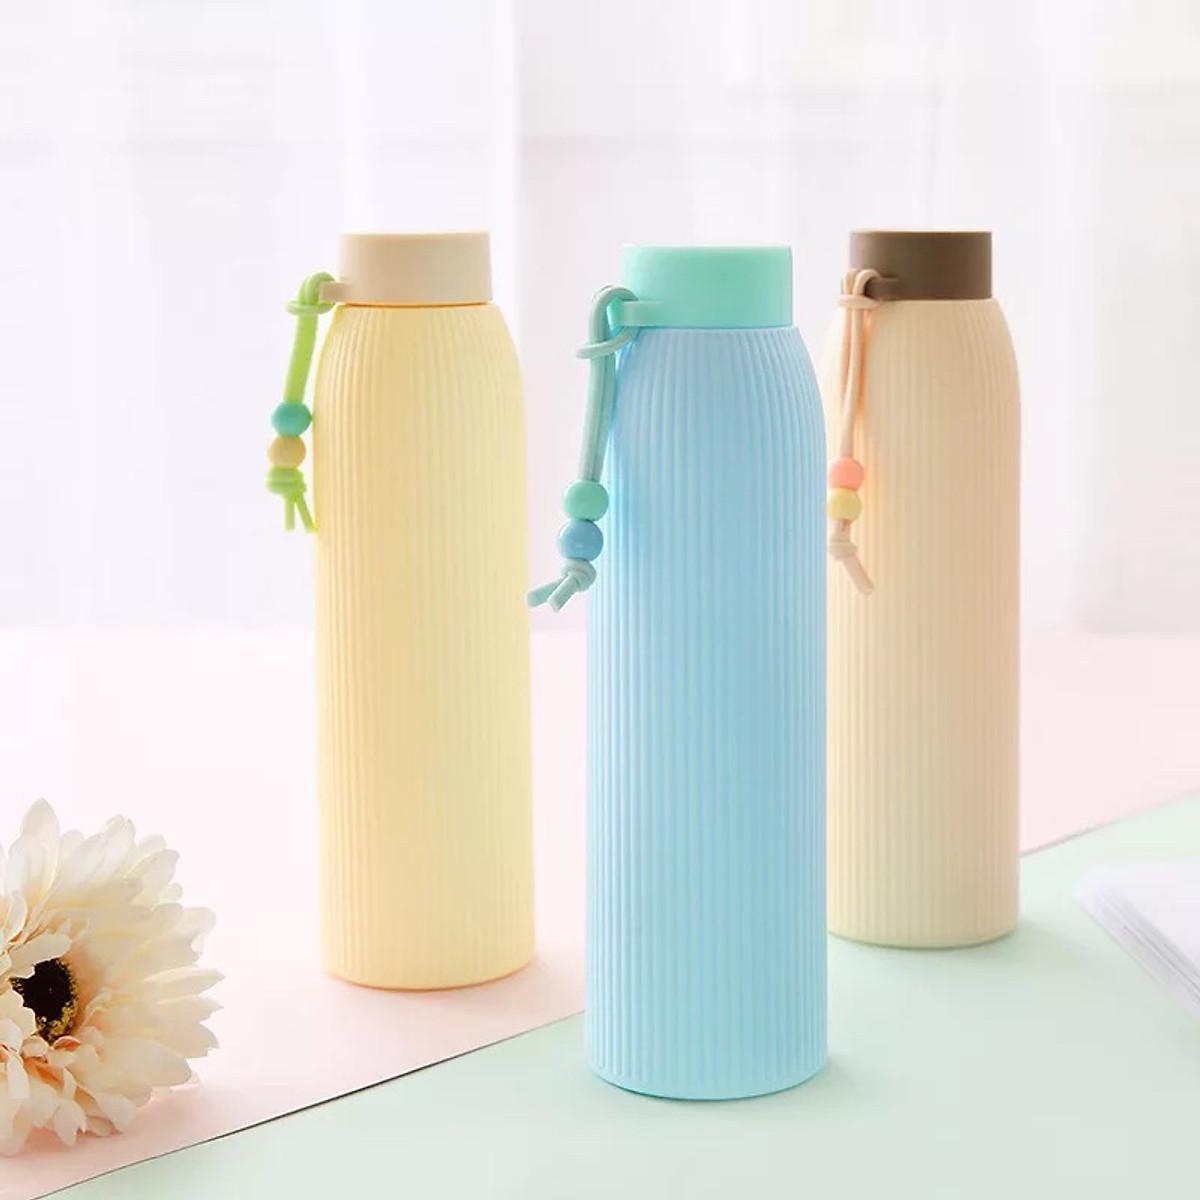 Bình Nước Thủy Tinh Giữ Nhiệt Bọc Nhựa 420ml (Giao màu Ngẫu Nhiên) 1